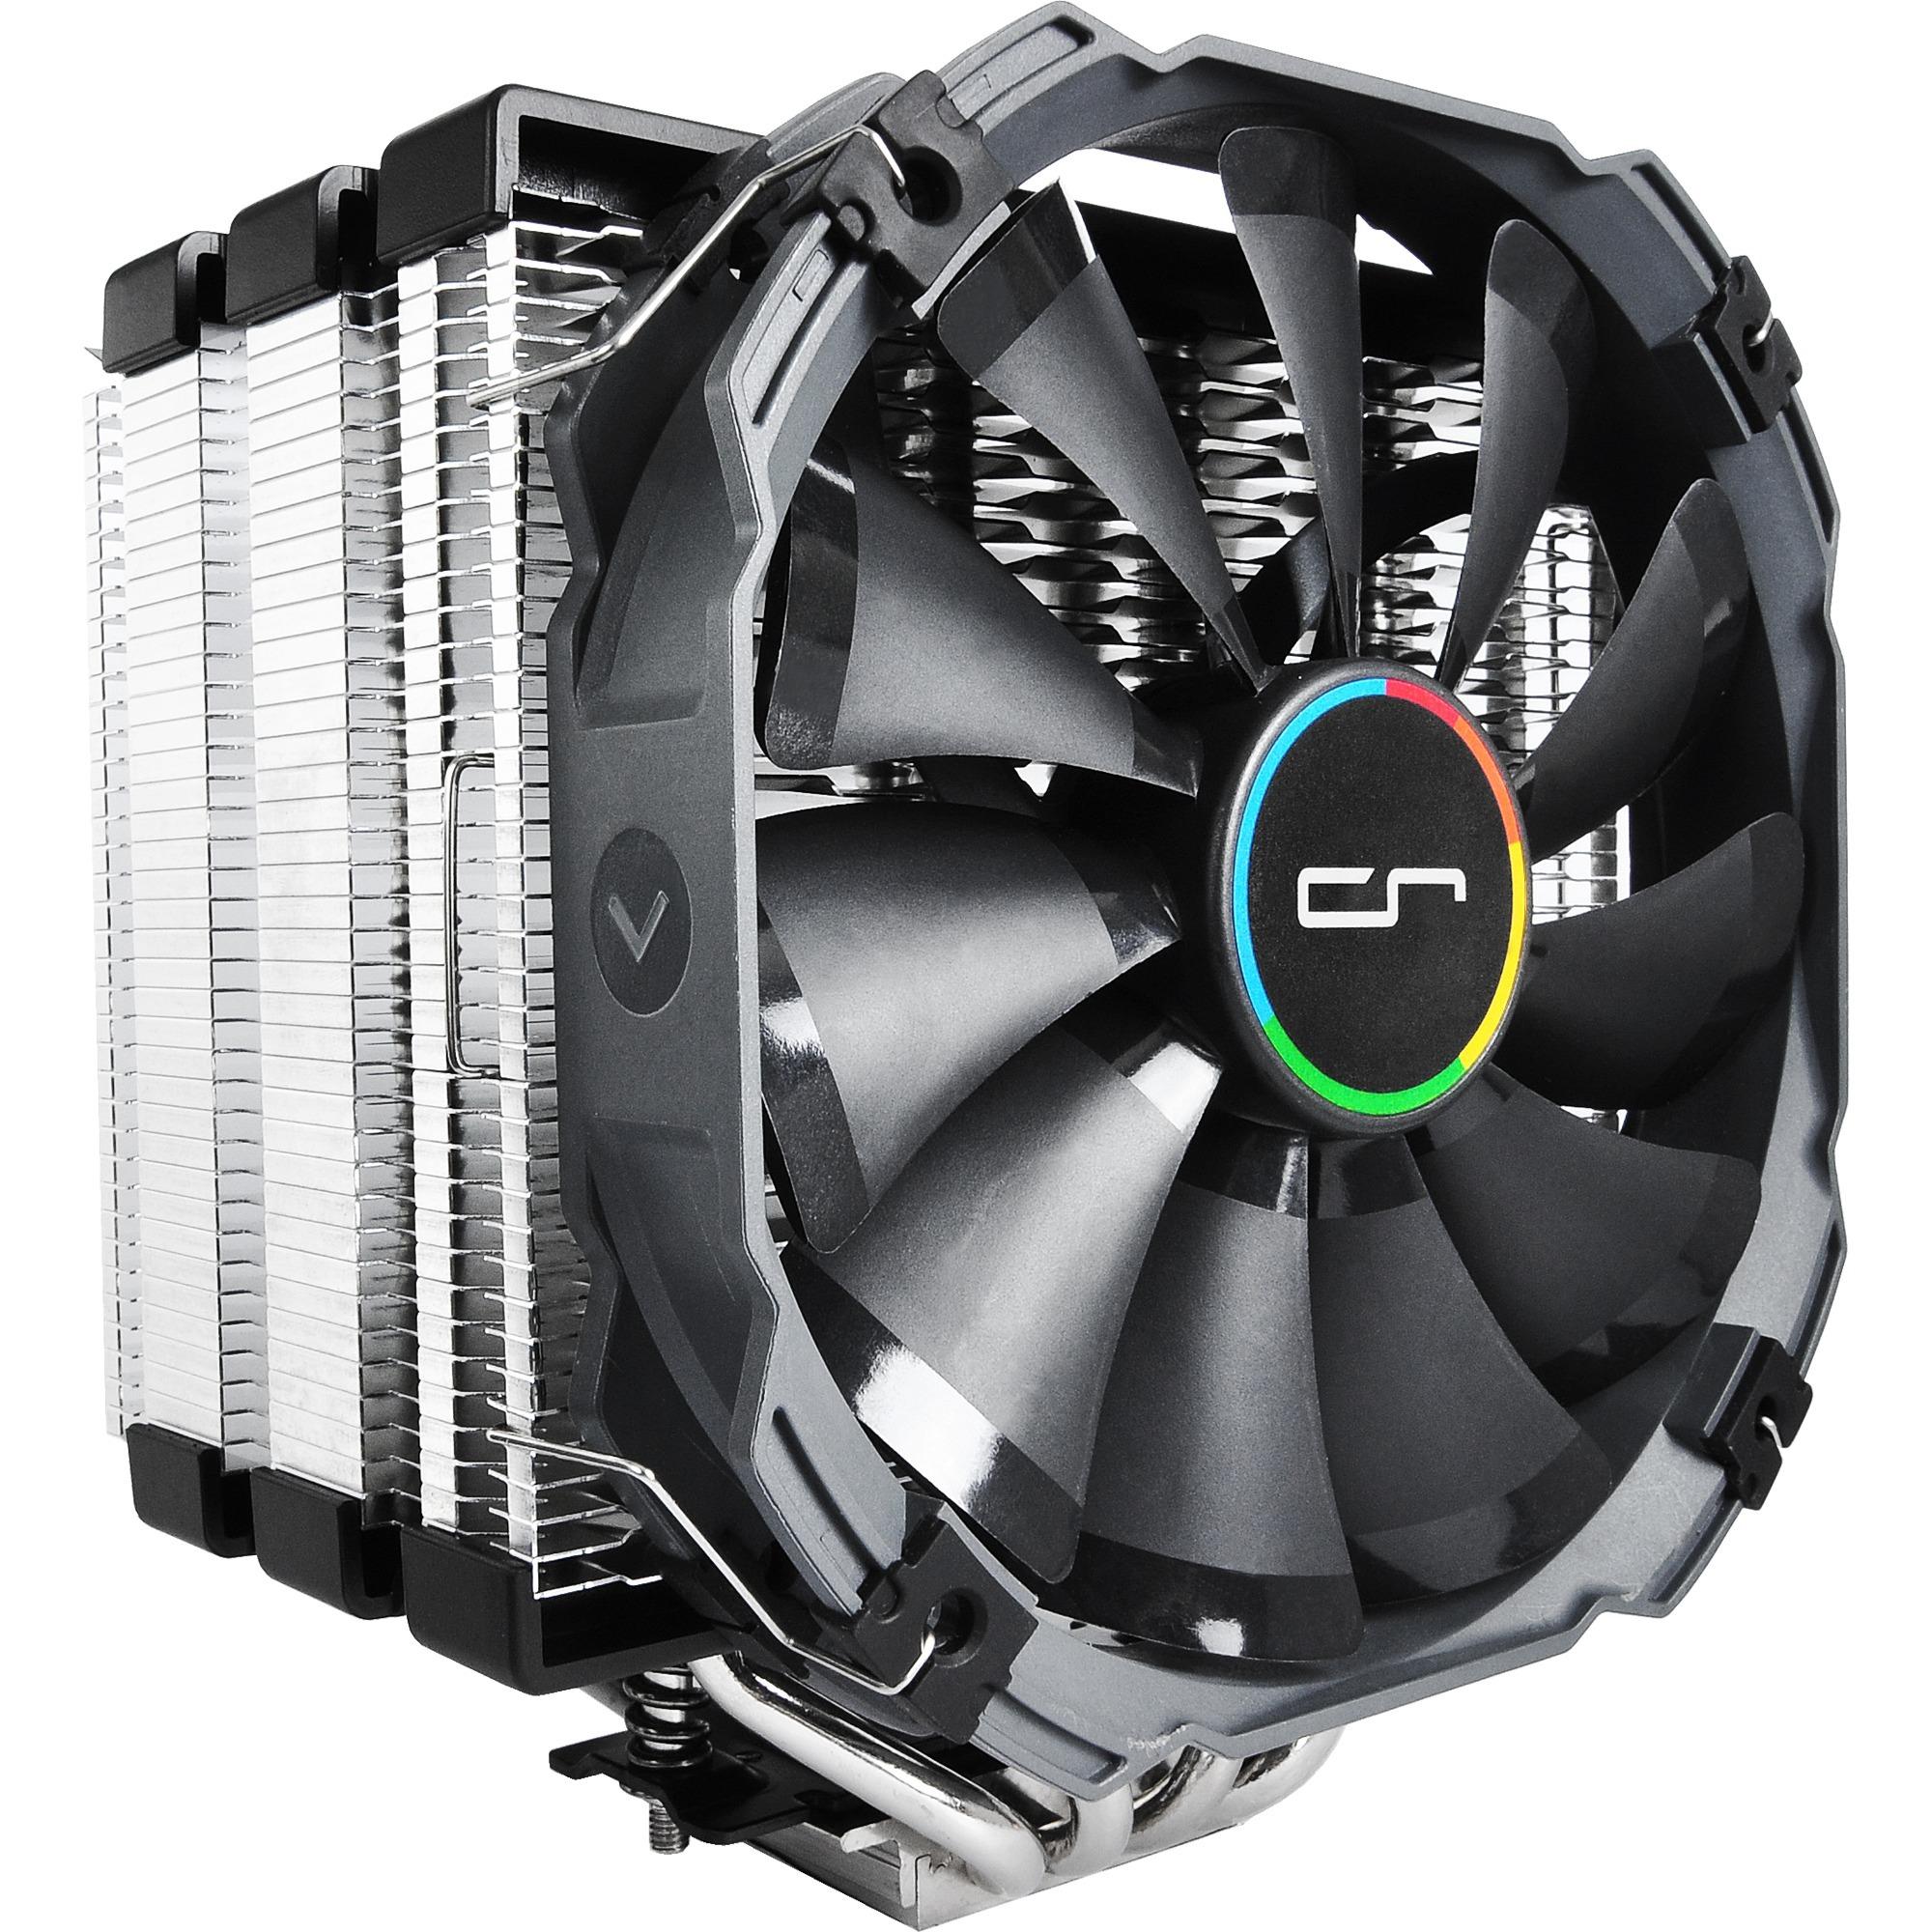 H5 ULTIMATE Procesador refrigeración agua y freón, Disipador de CPU